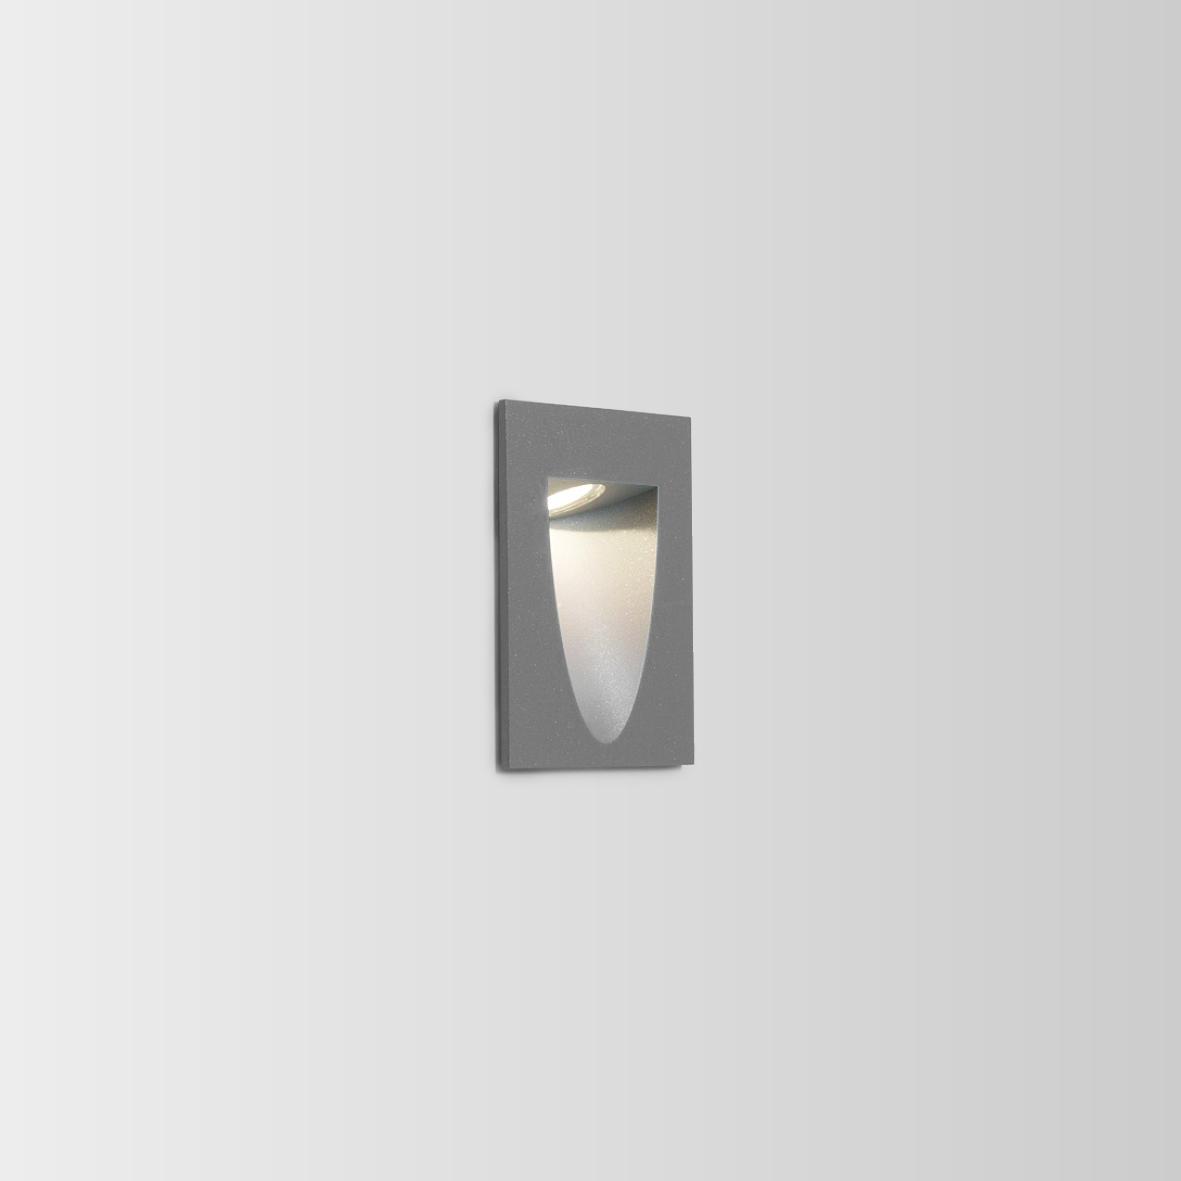 SMILE IN 2.0 LED 3000K TUMEHALL 4/6W CRI>80, 280/370lm, 350-700mA, välisvalgusti süvistatud seina